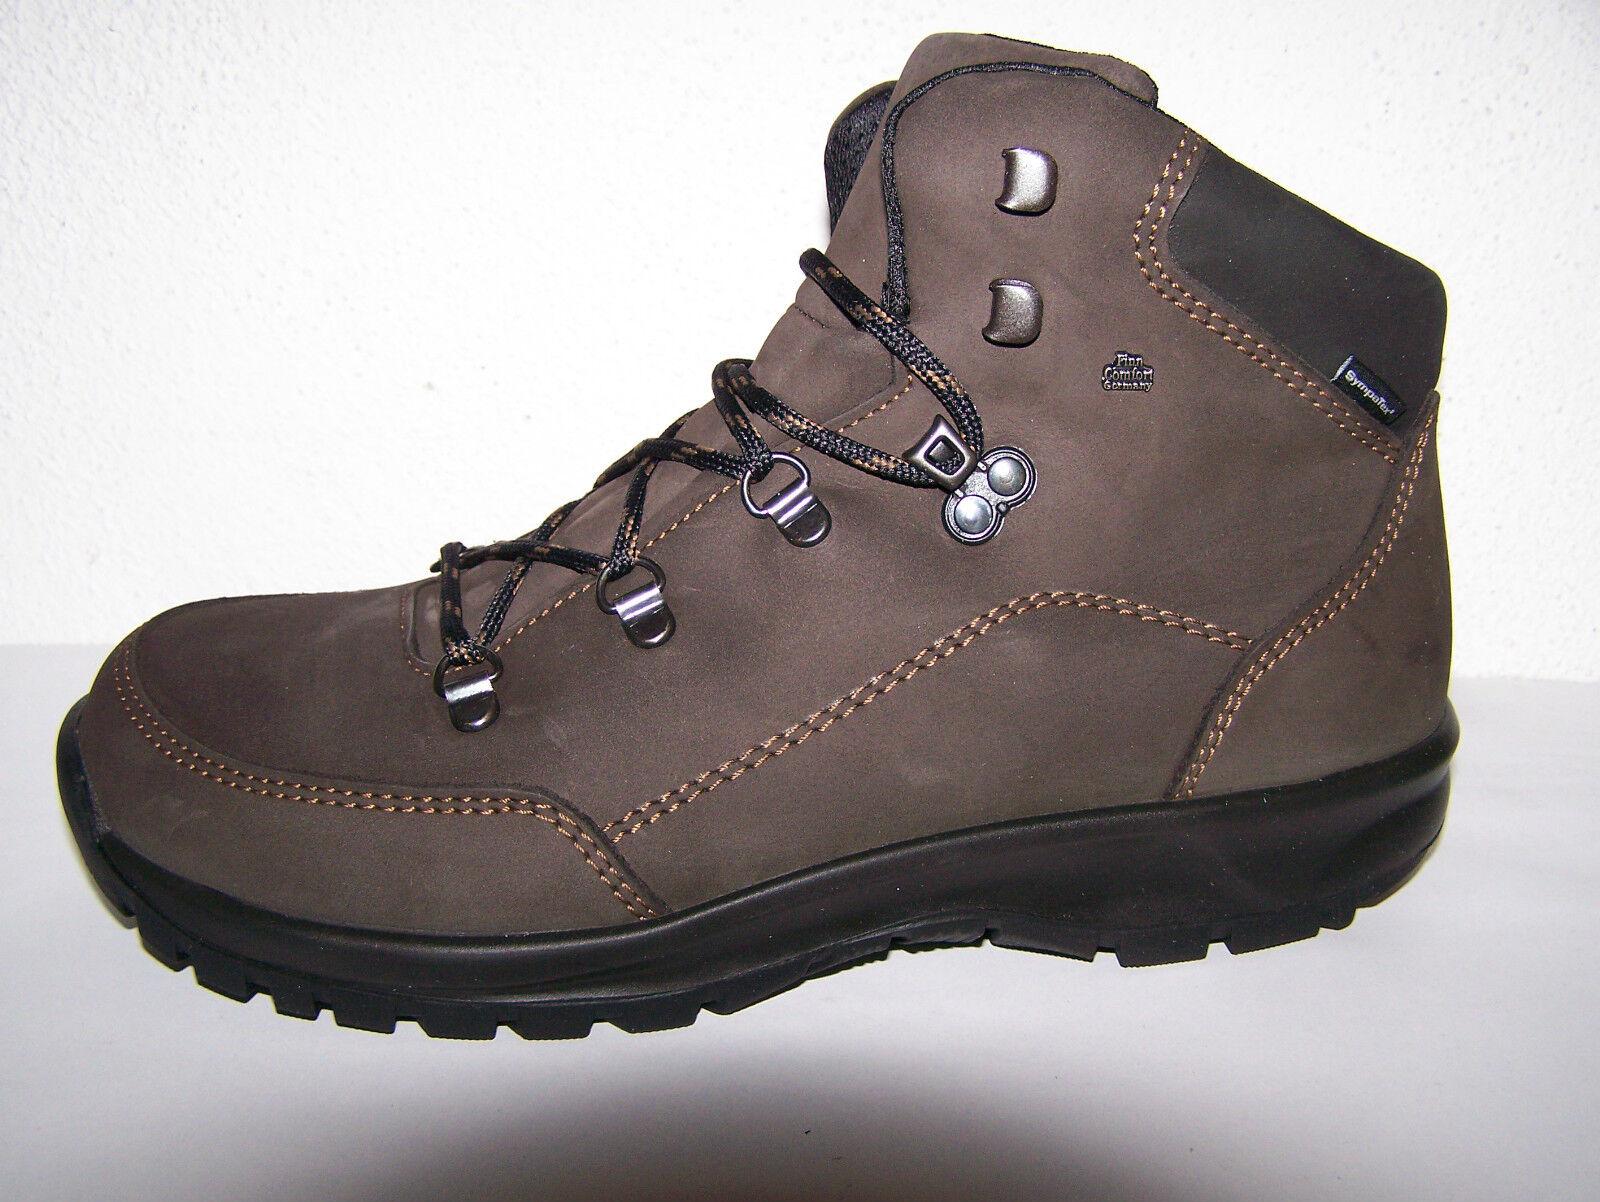 Finn Comfort Stiefel SympaTex Modell Tibet Wander Stiefel Comfort Boots Wechselfußbett 8446cd